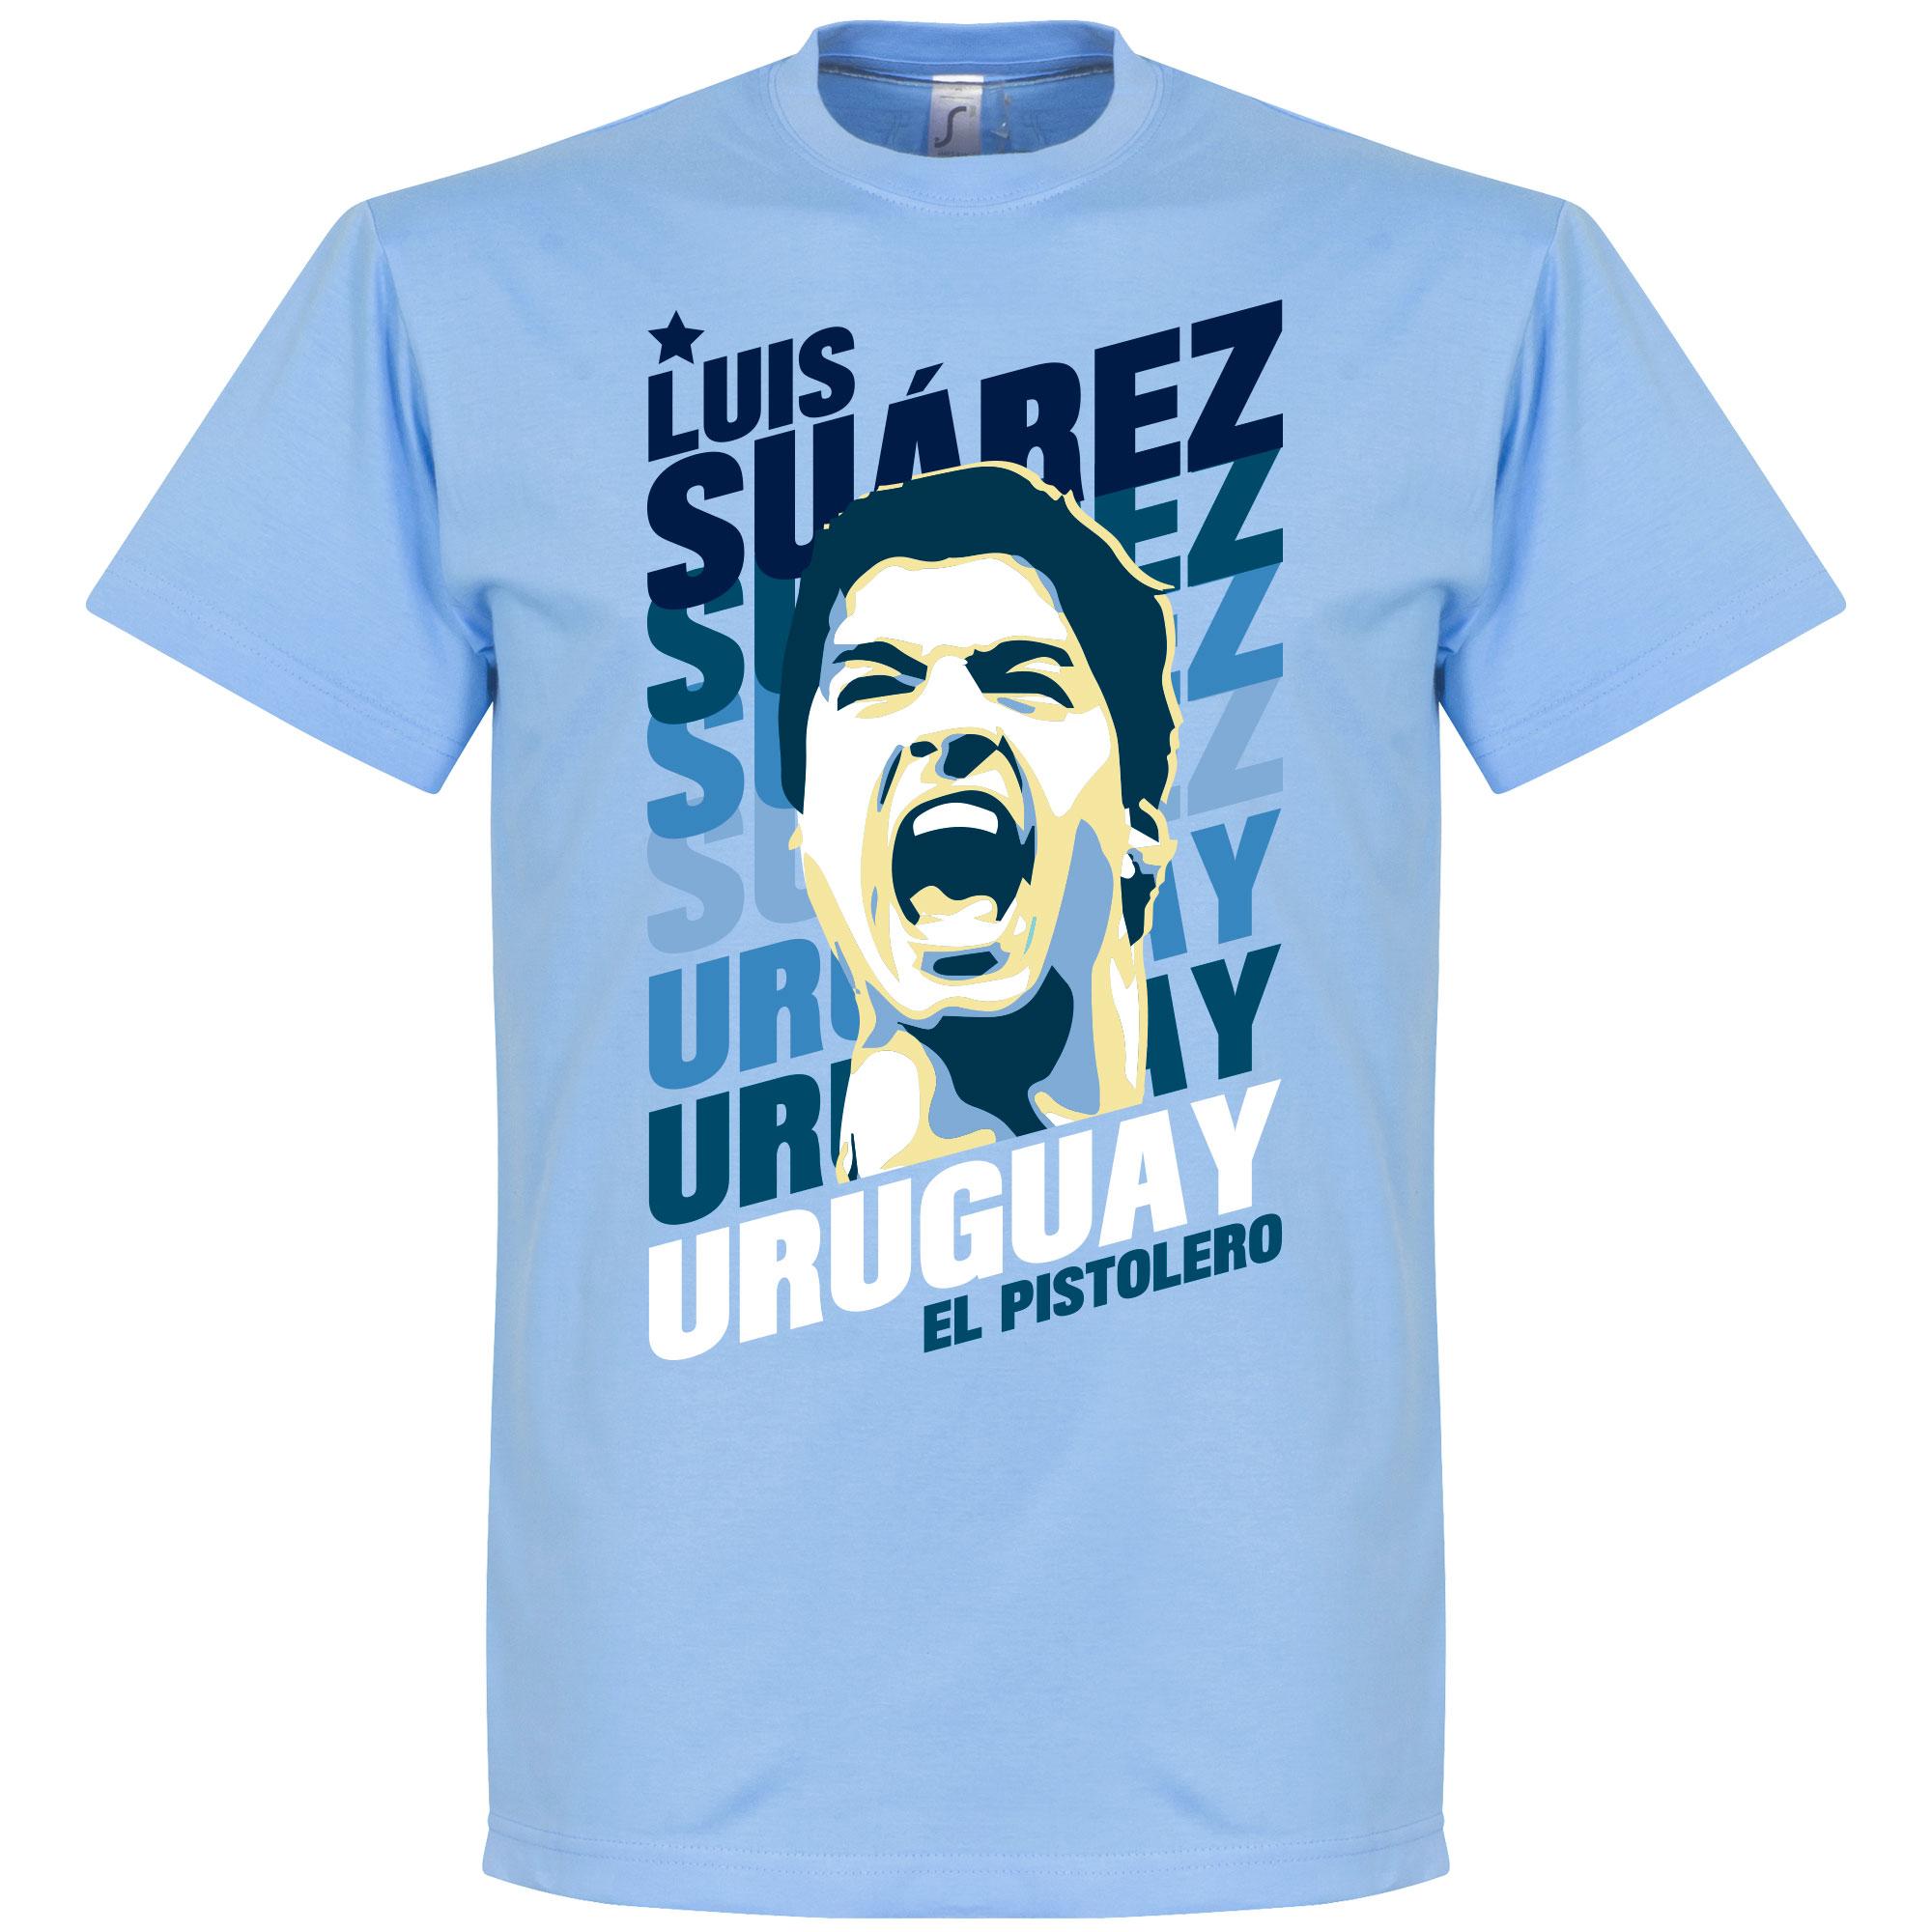 Luis Suarez Uruguay Portrait T-Shirt